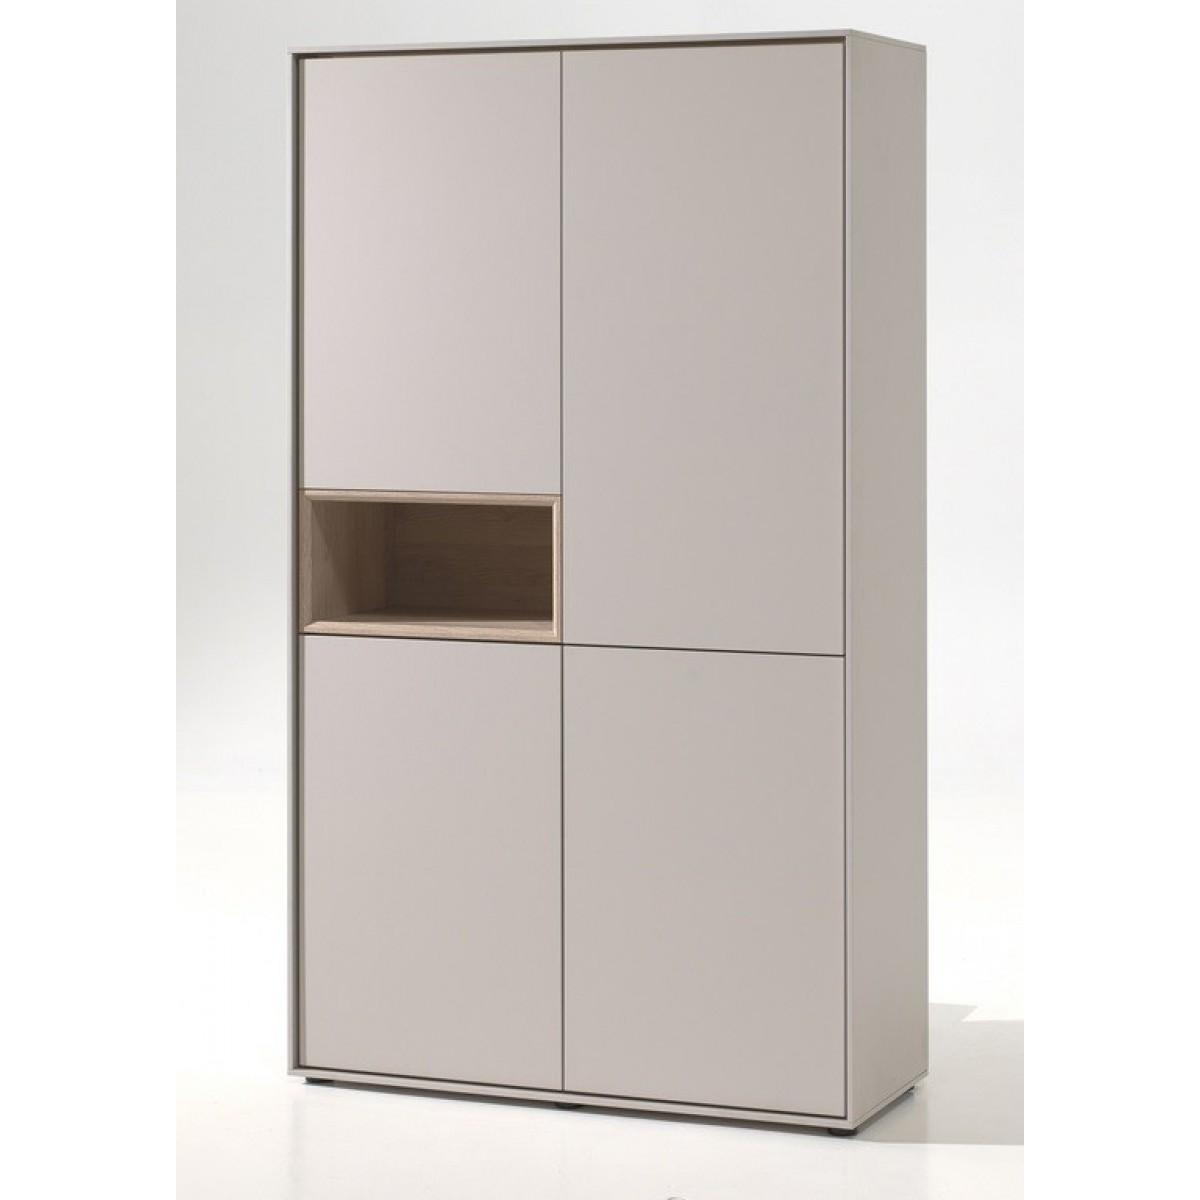 Kyara-bergkast-open-vak- eiken-cashmere-c0062b